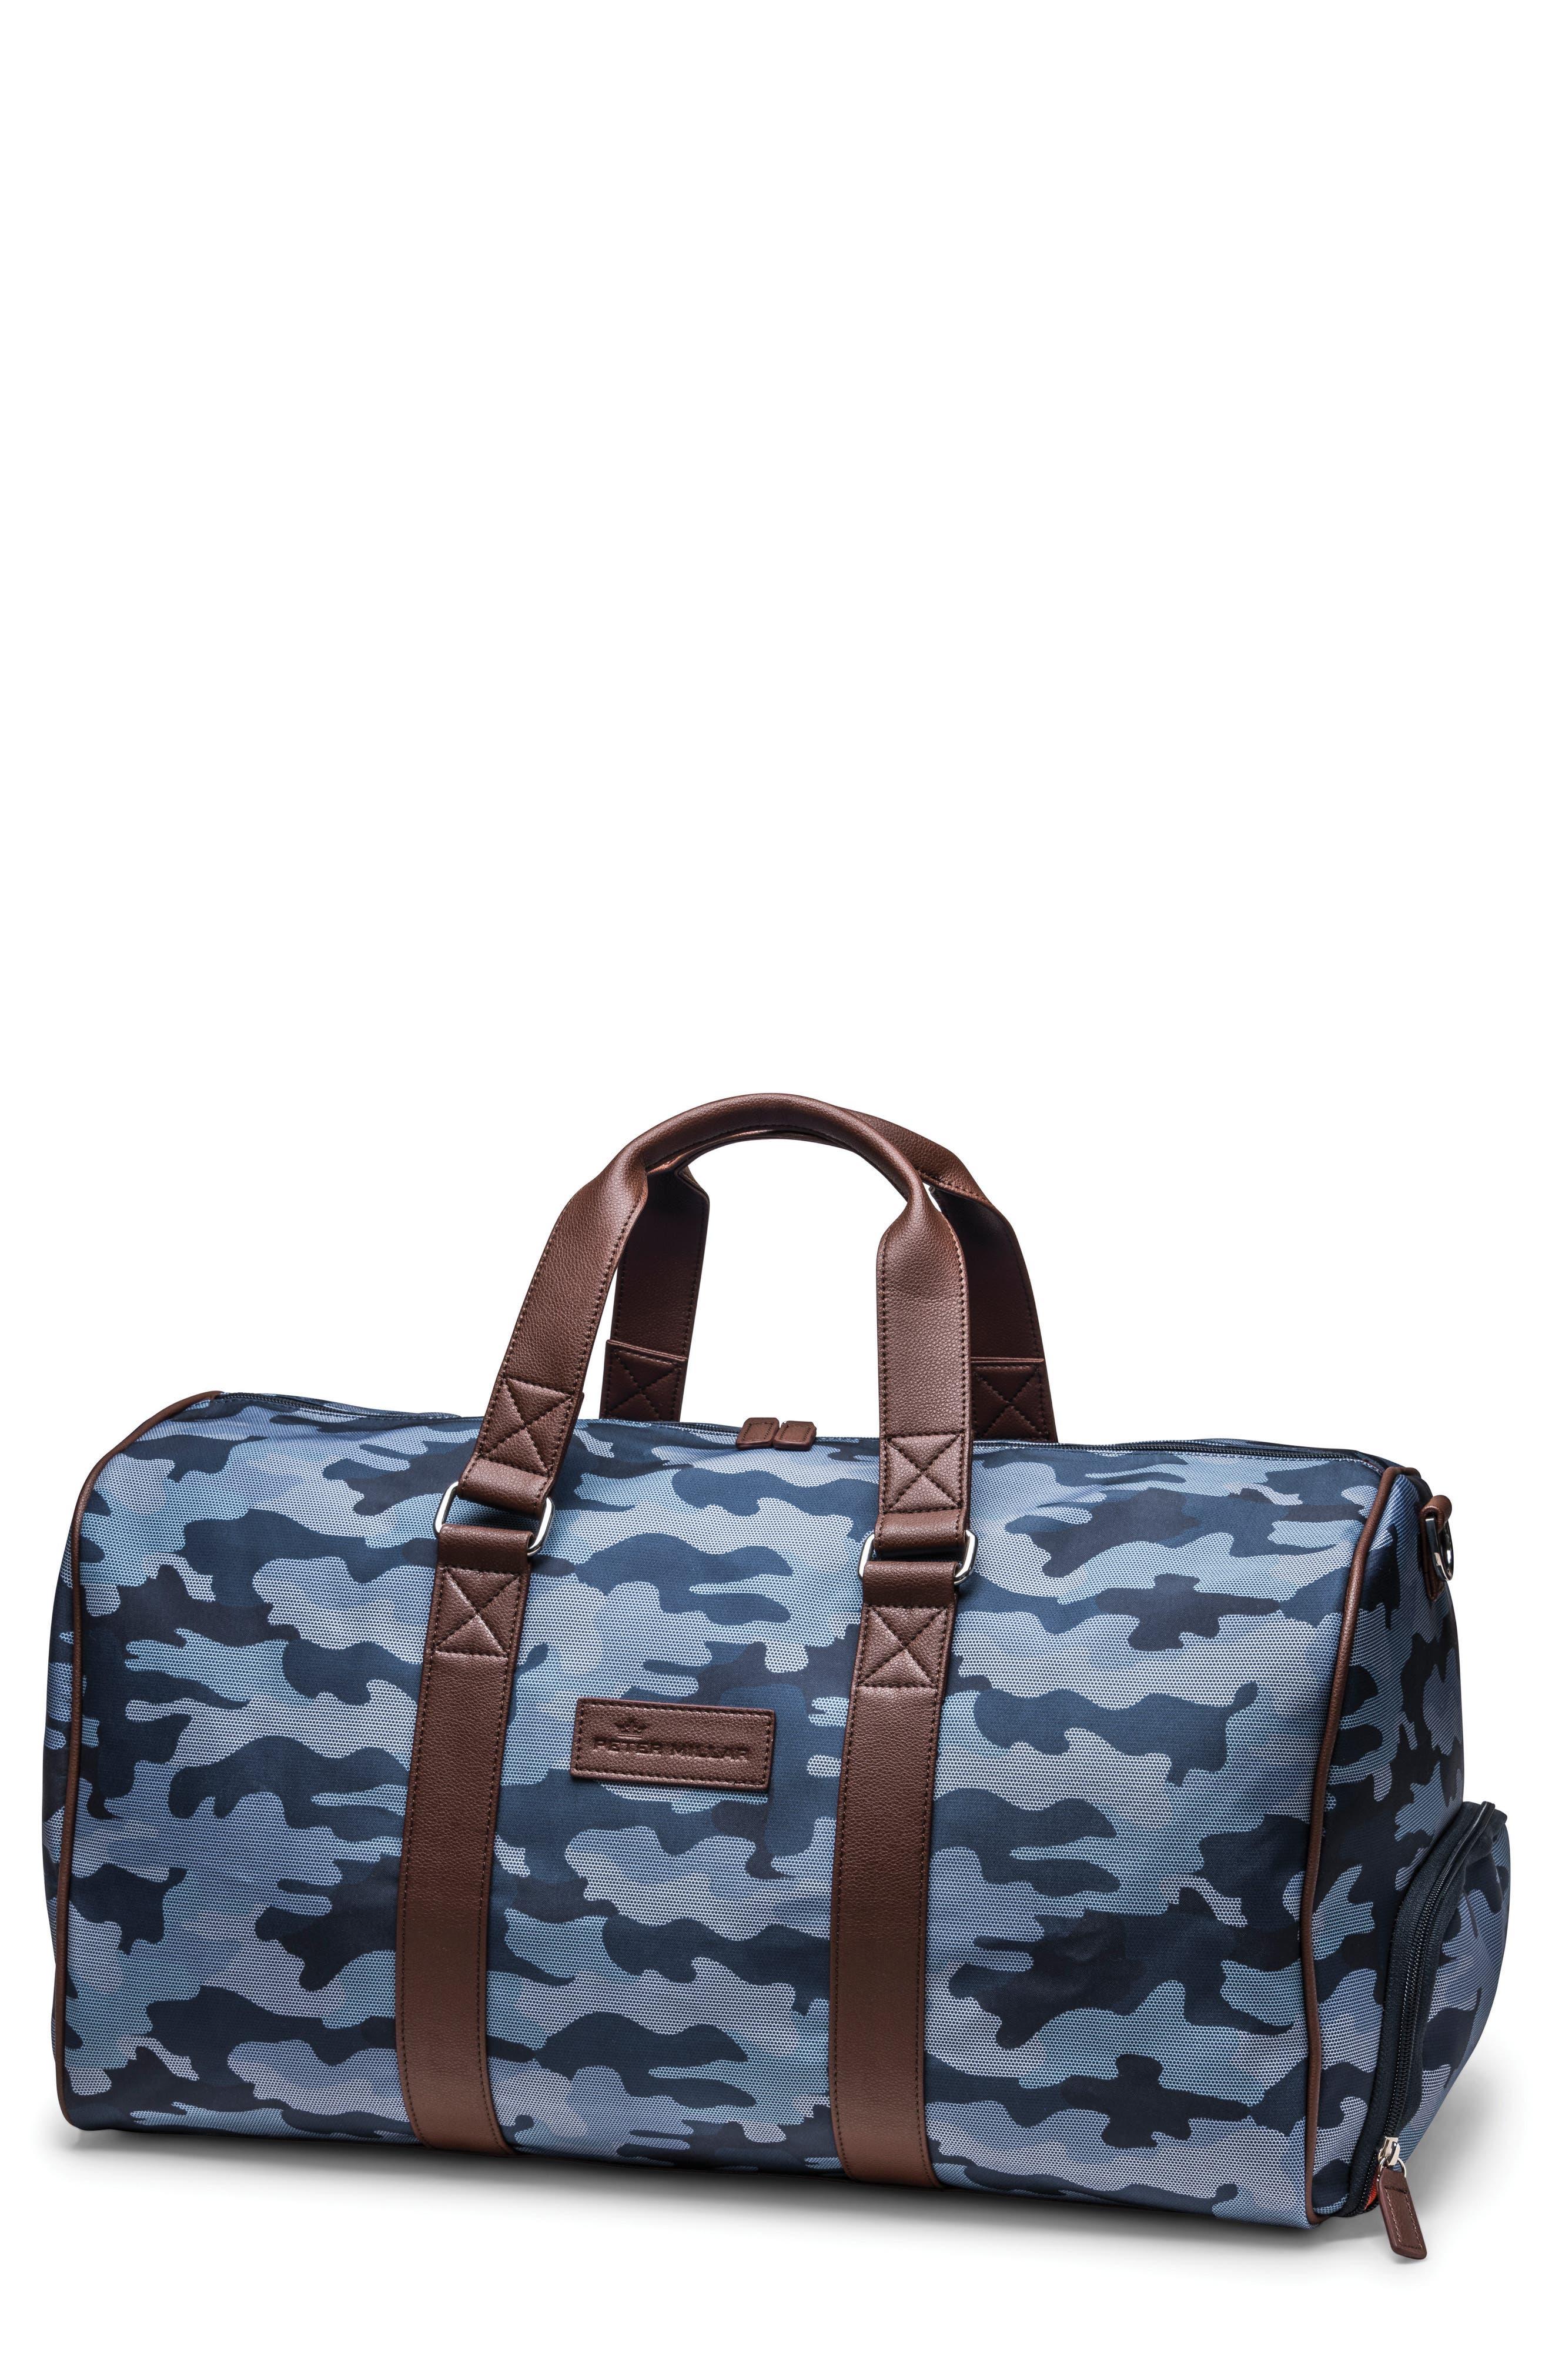 Peter Millar Camo Duffel Bag